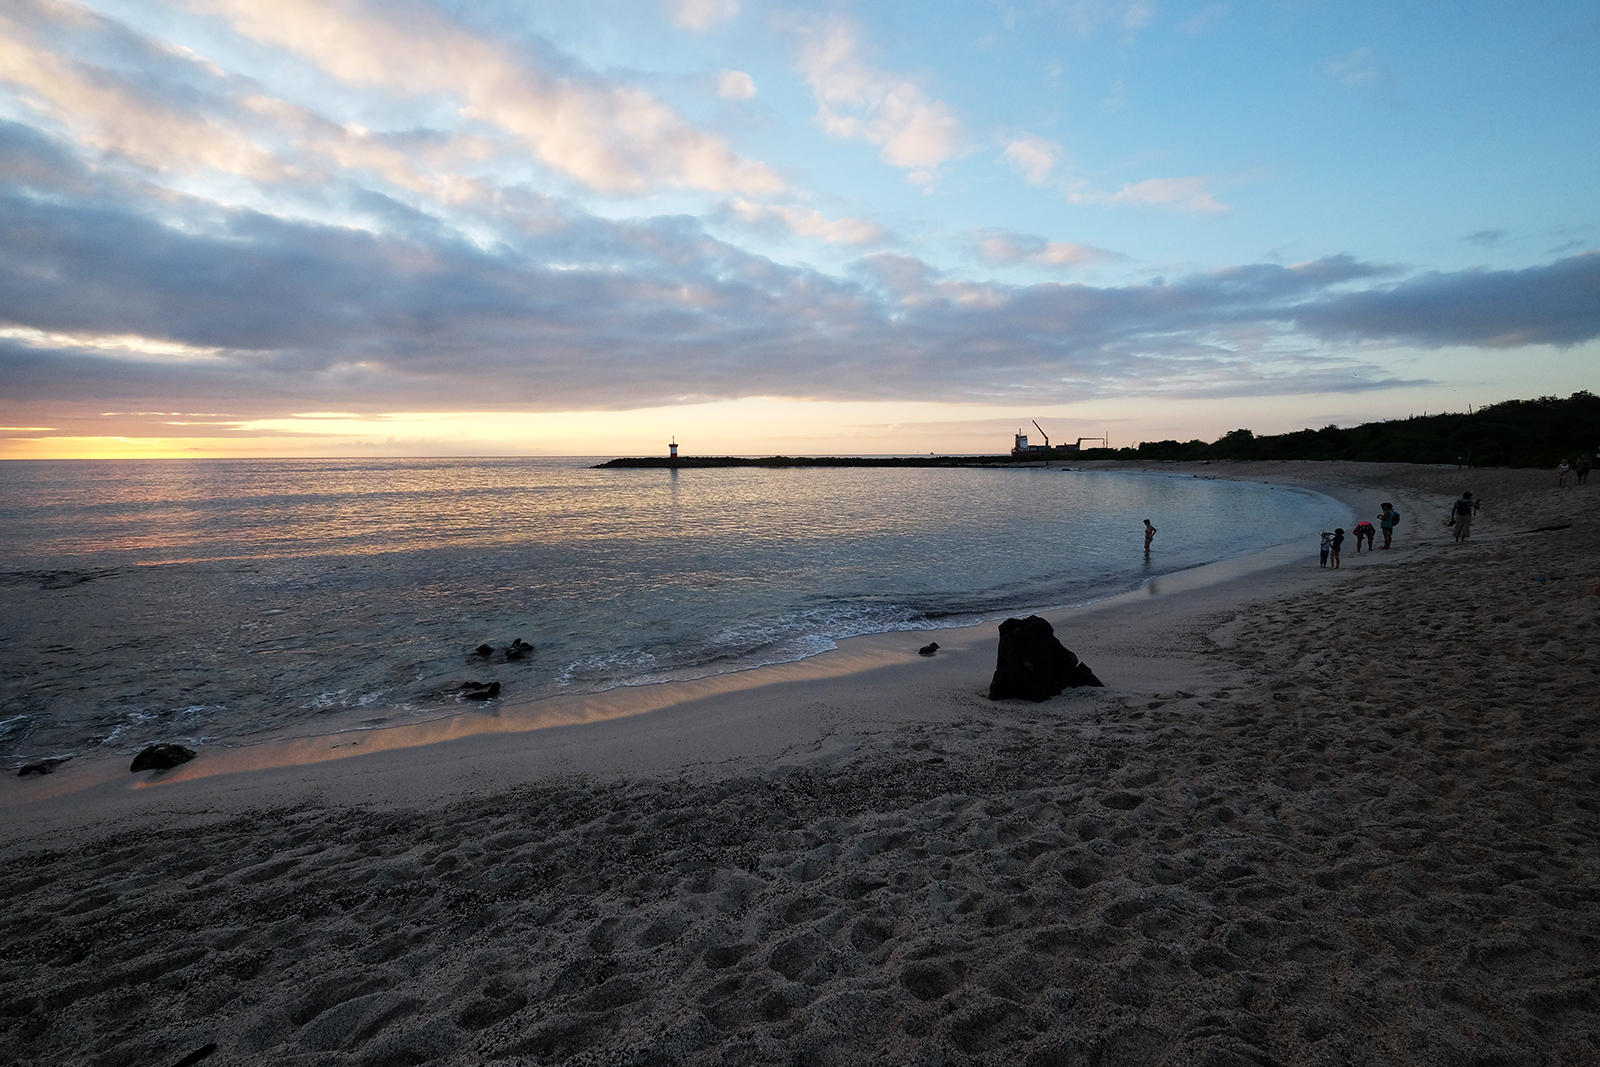 03_San_Cristobal_02_Playa_Punta_Carola.JPG